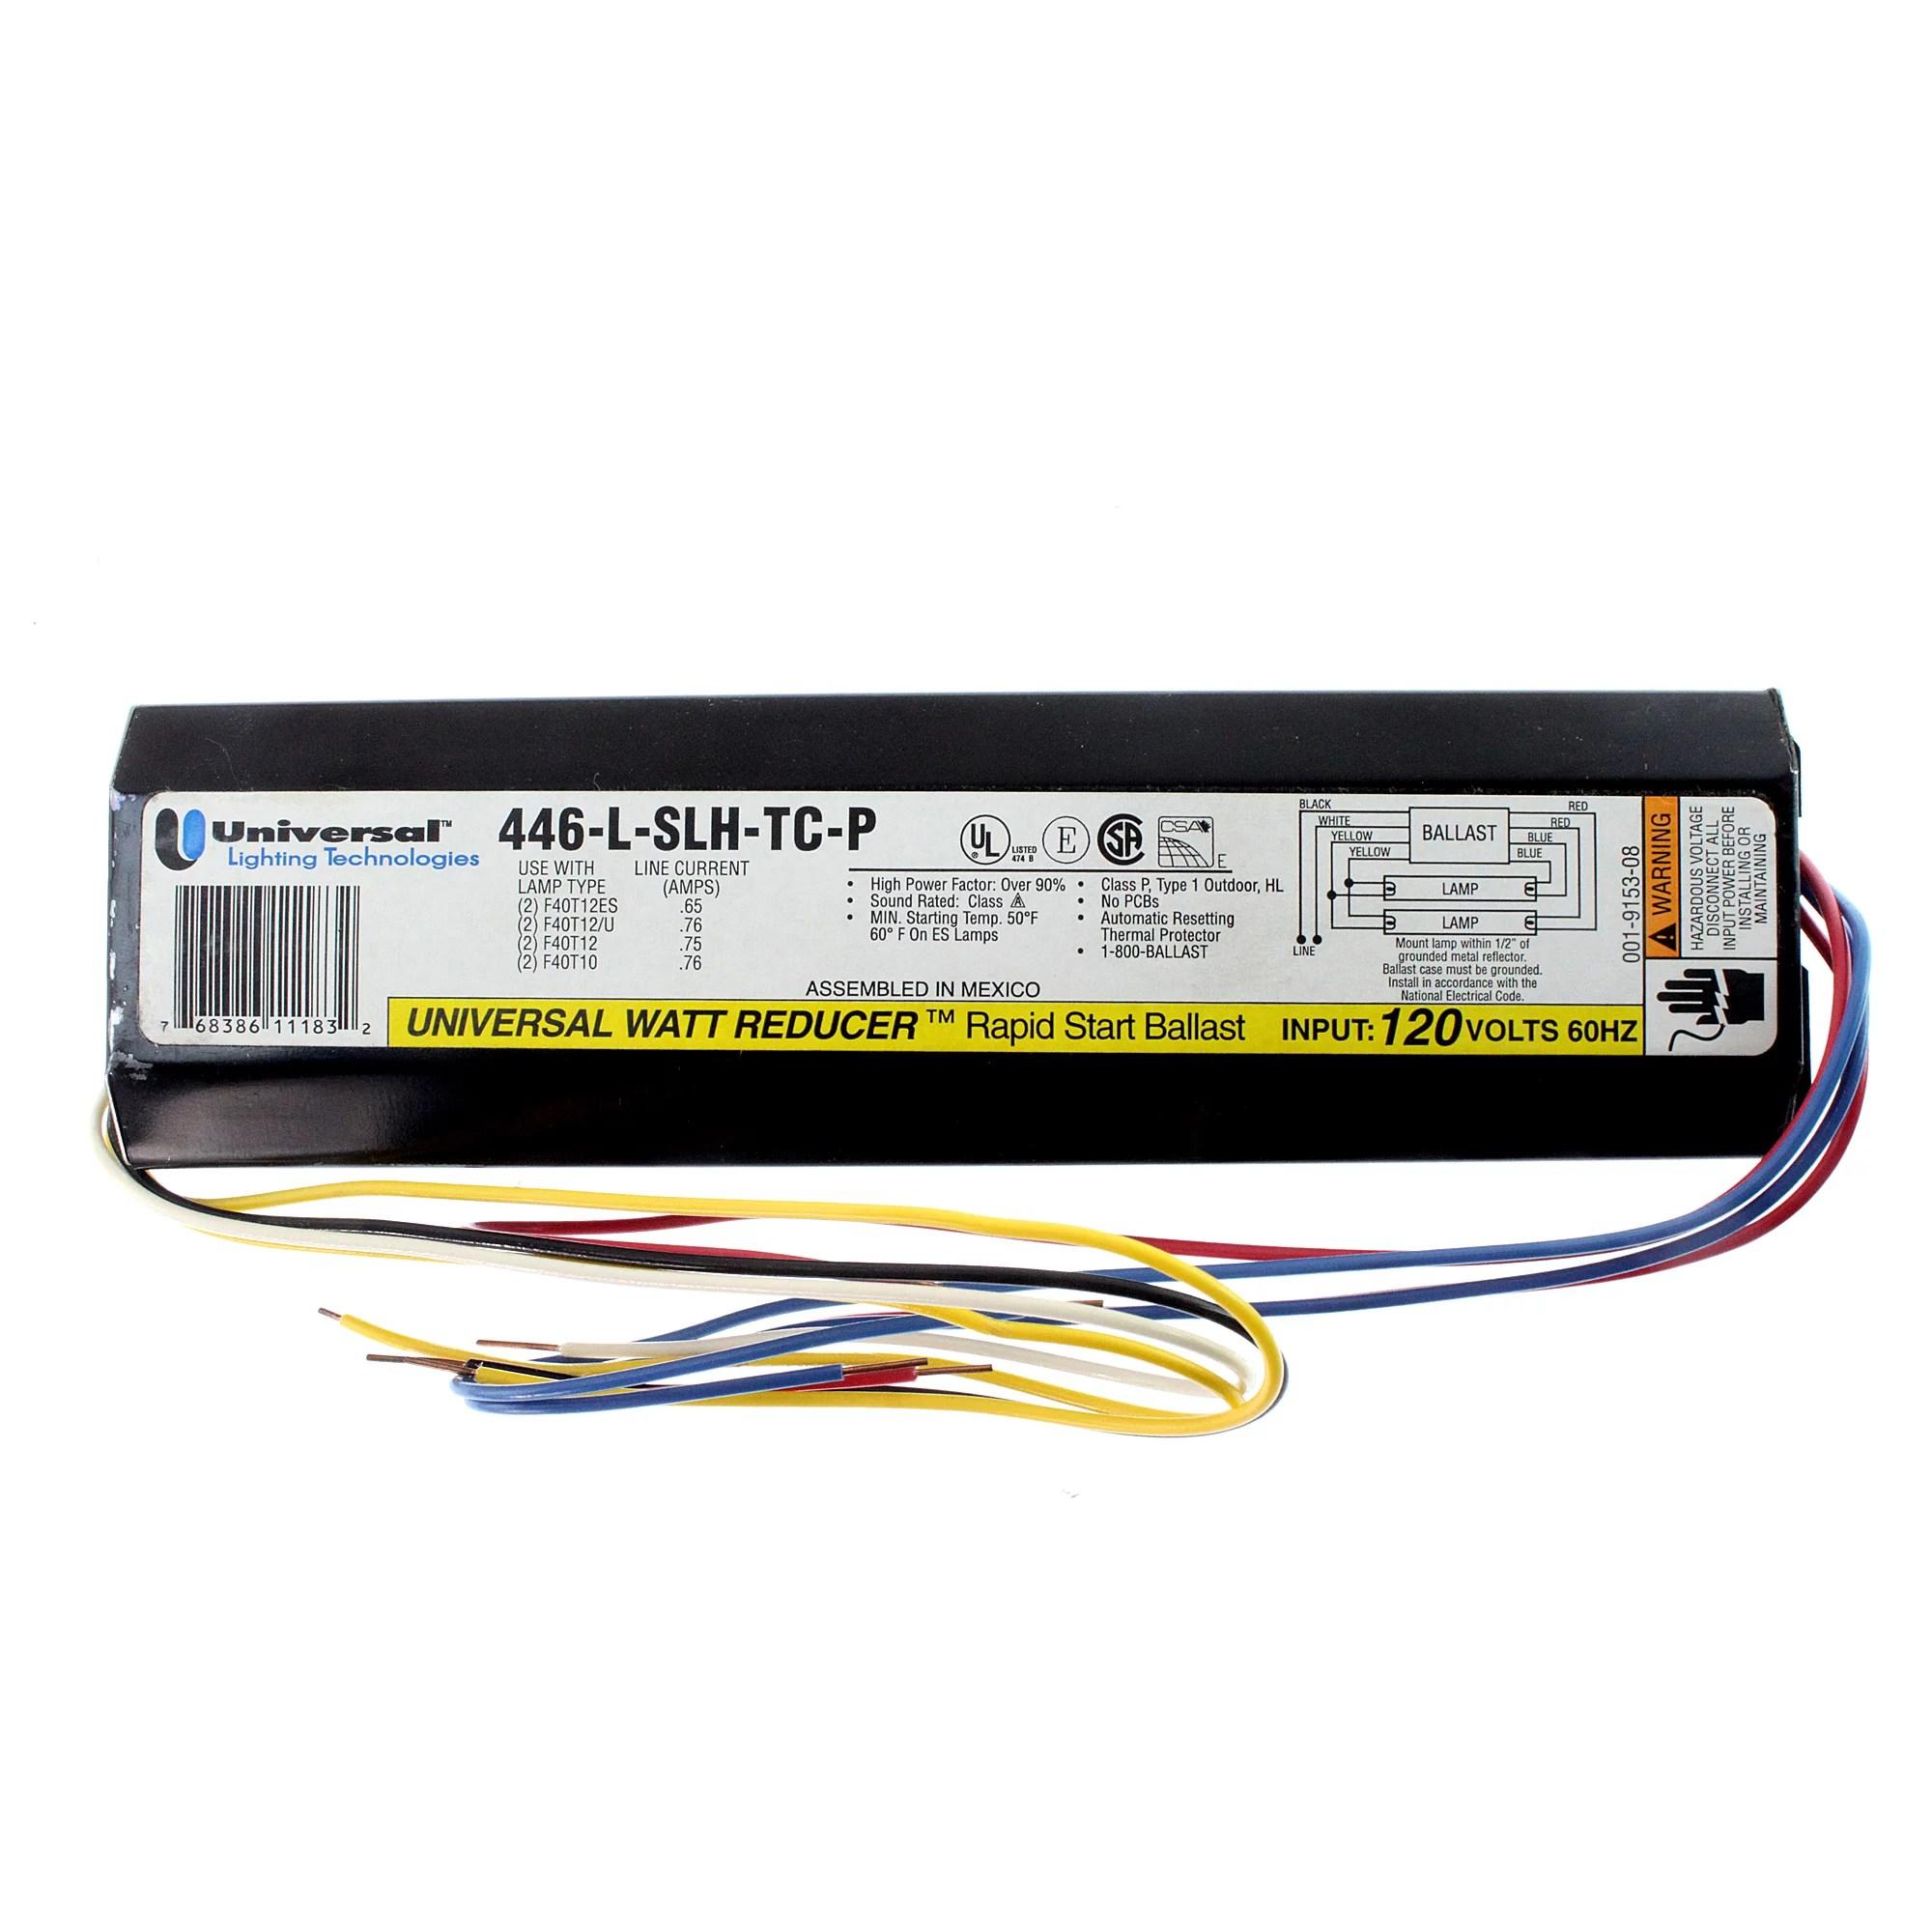 hight resolution of universal 446 l slh tc p fluorescent ballast 2 lamp f40t12 40w t12 120v walmart com